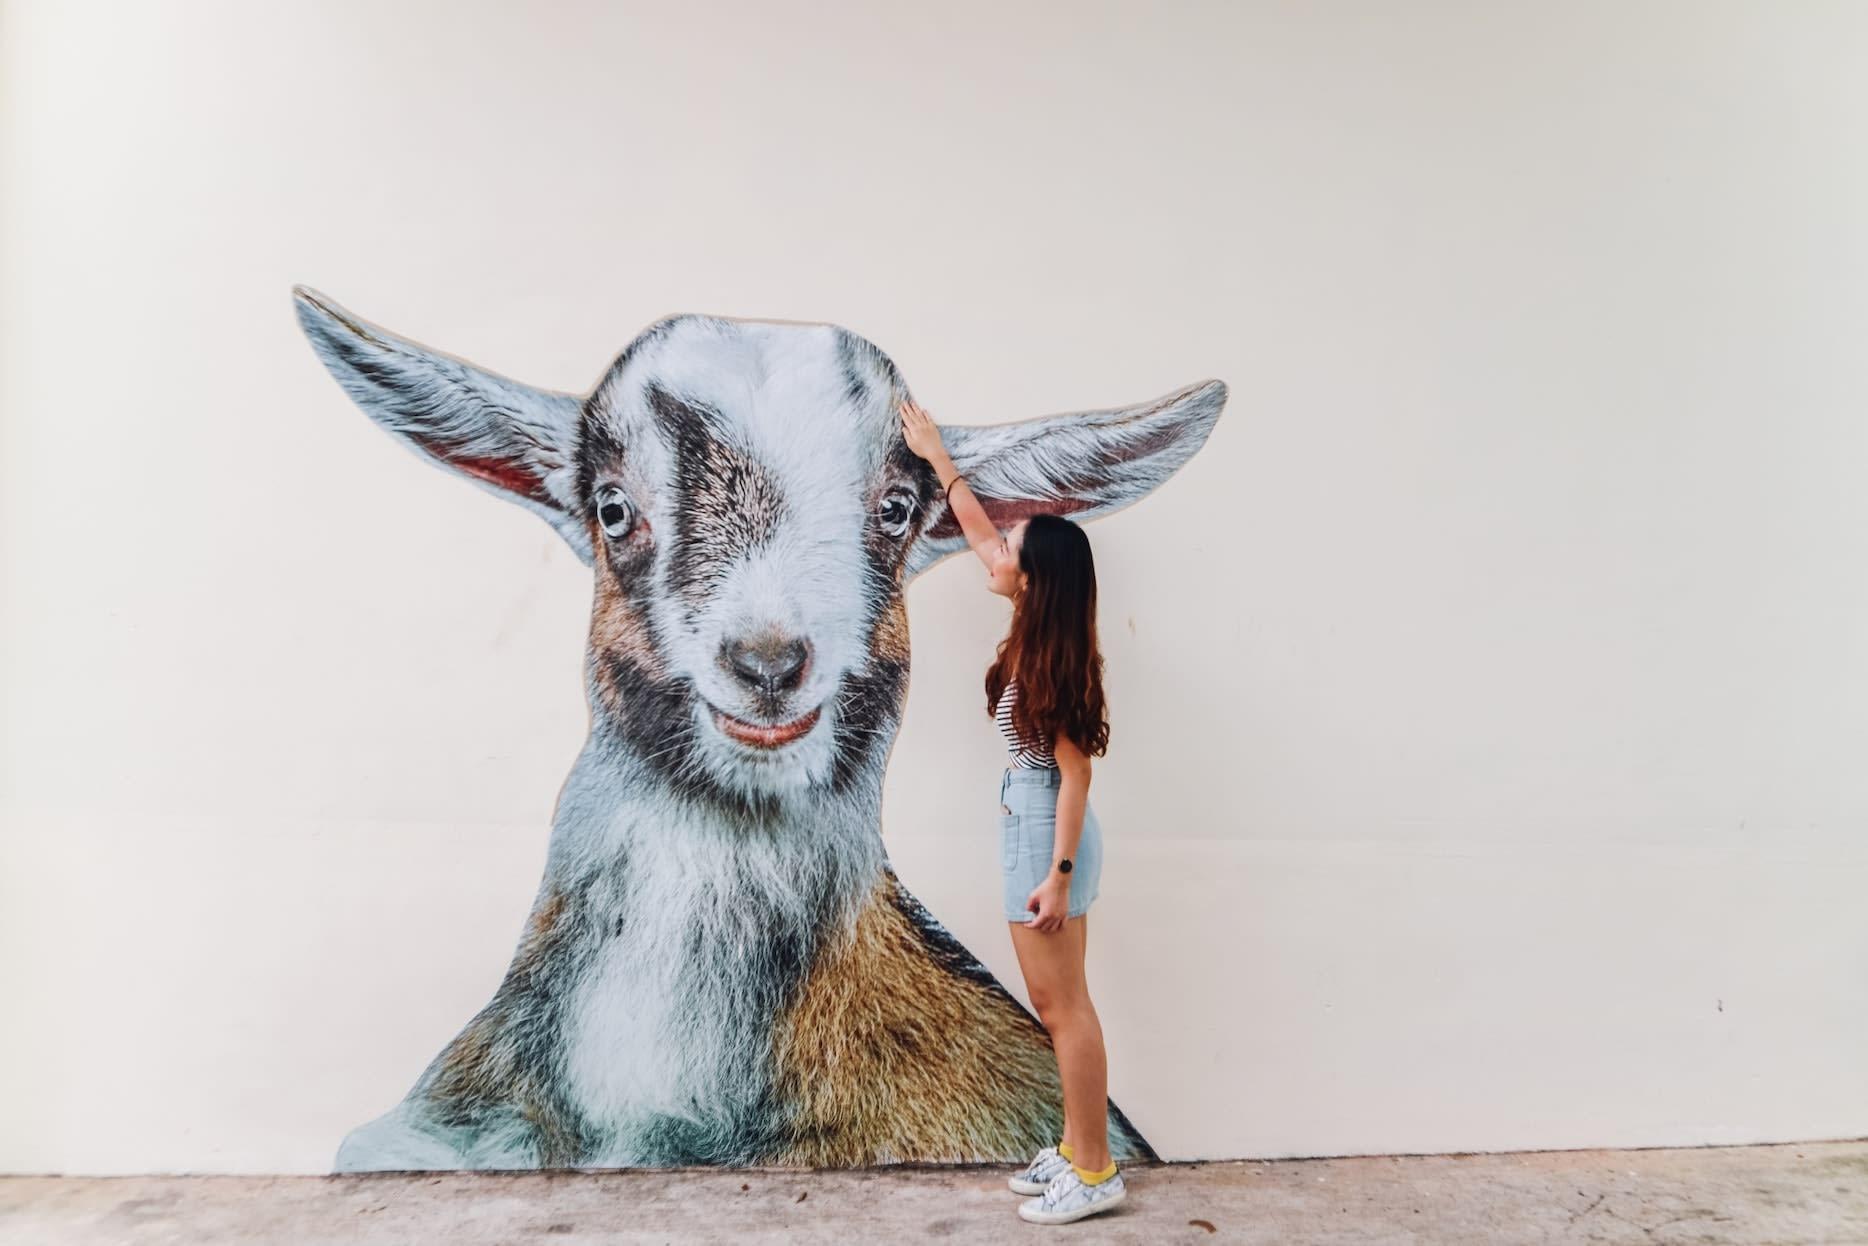 tiong bahru goat wall mural